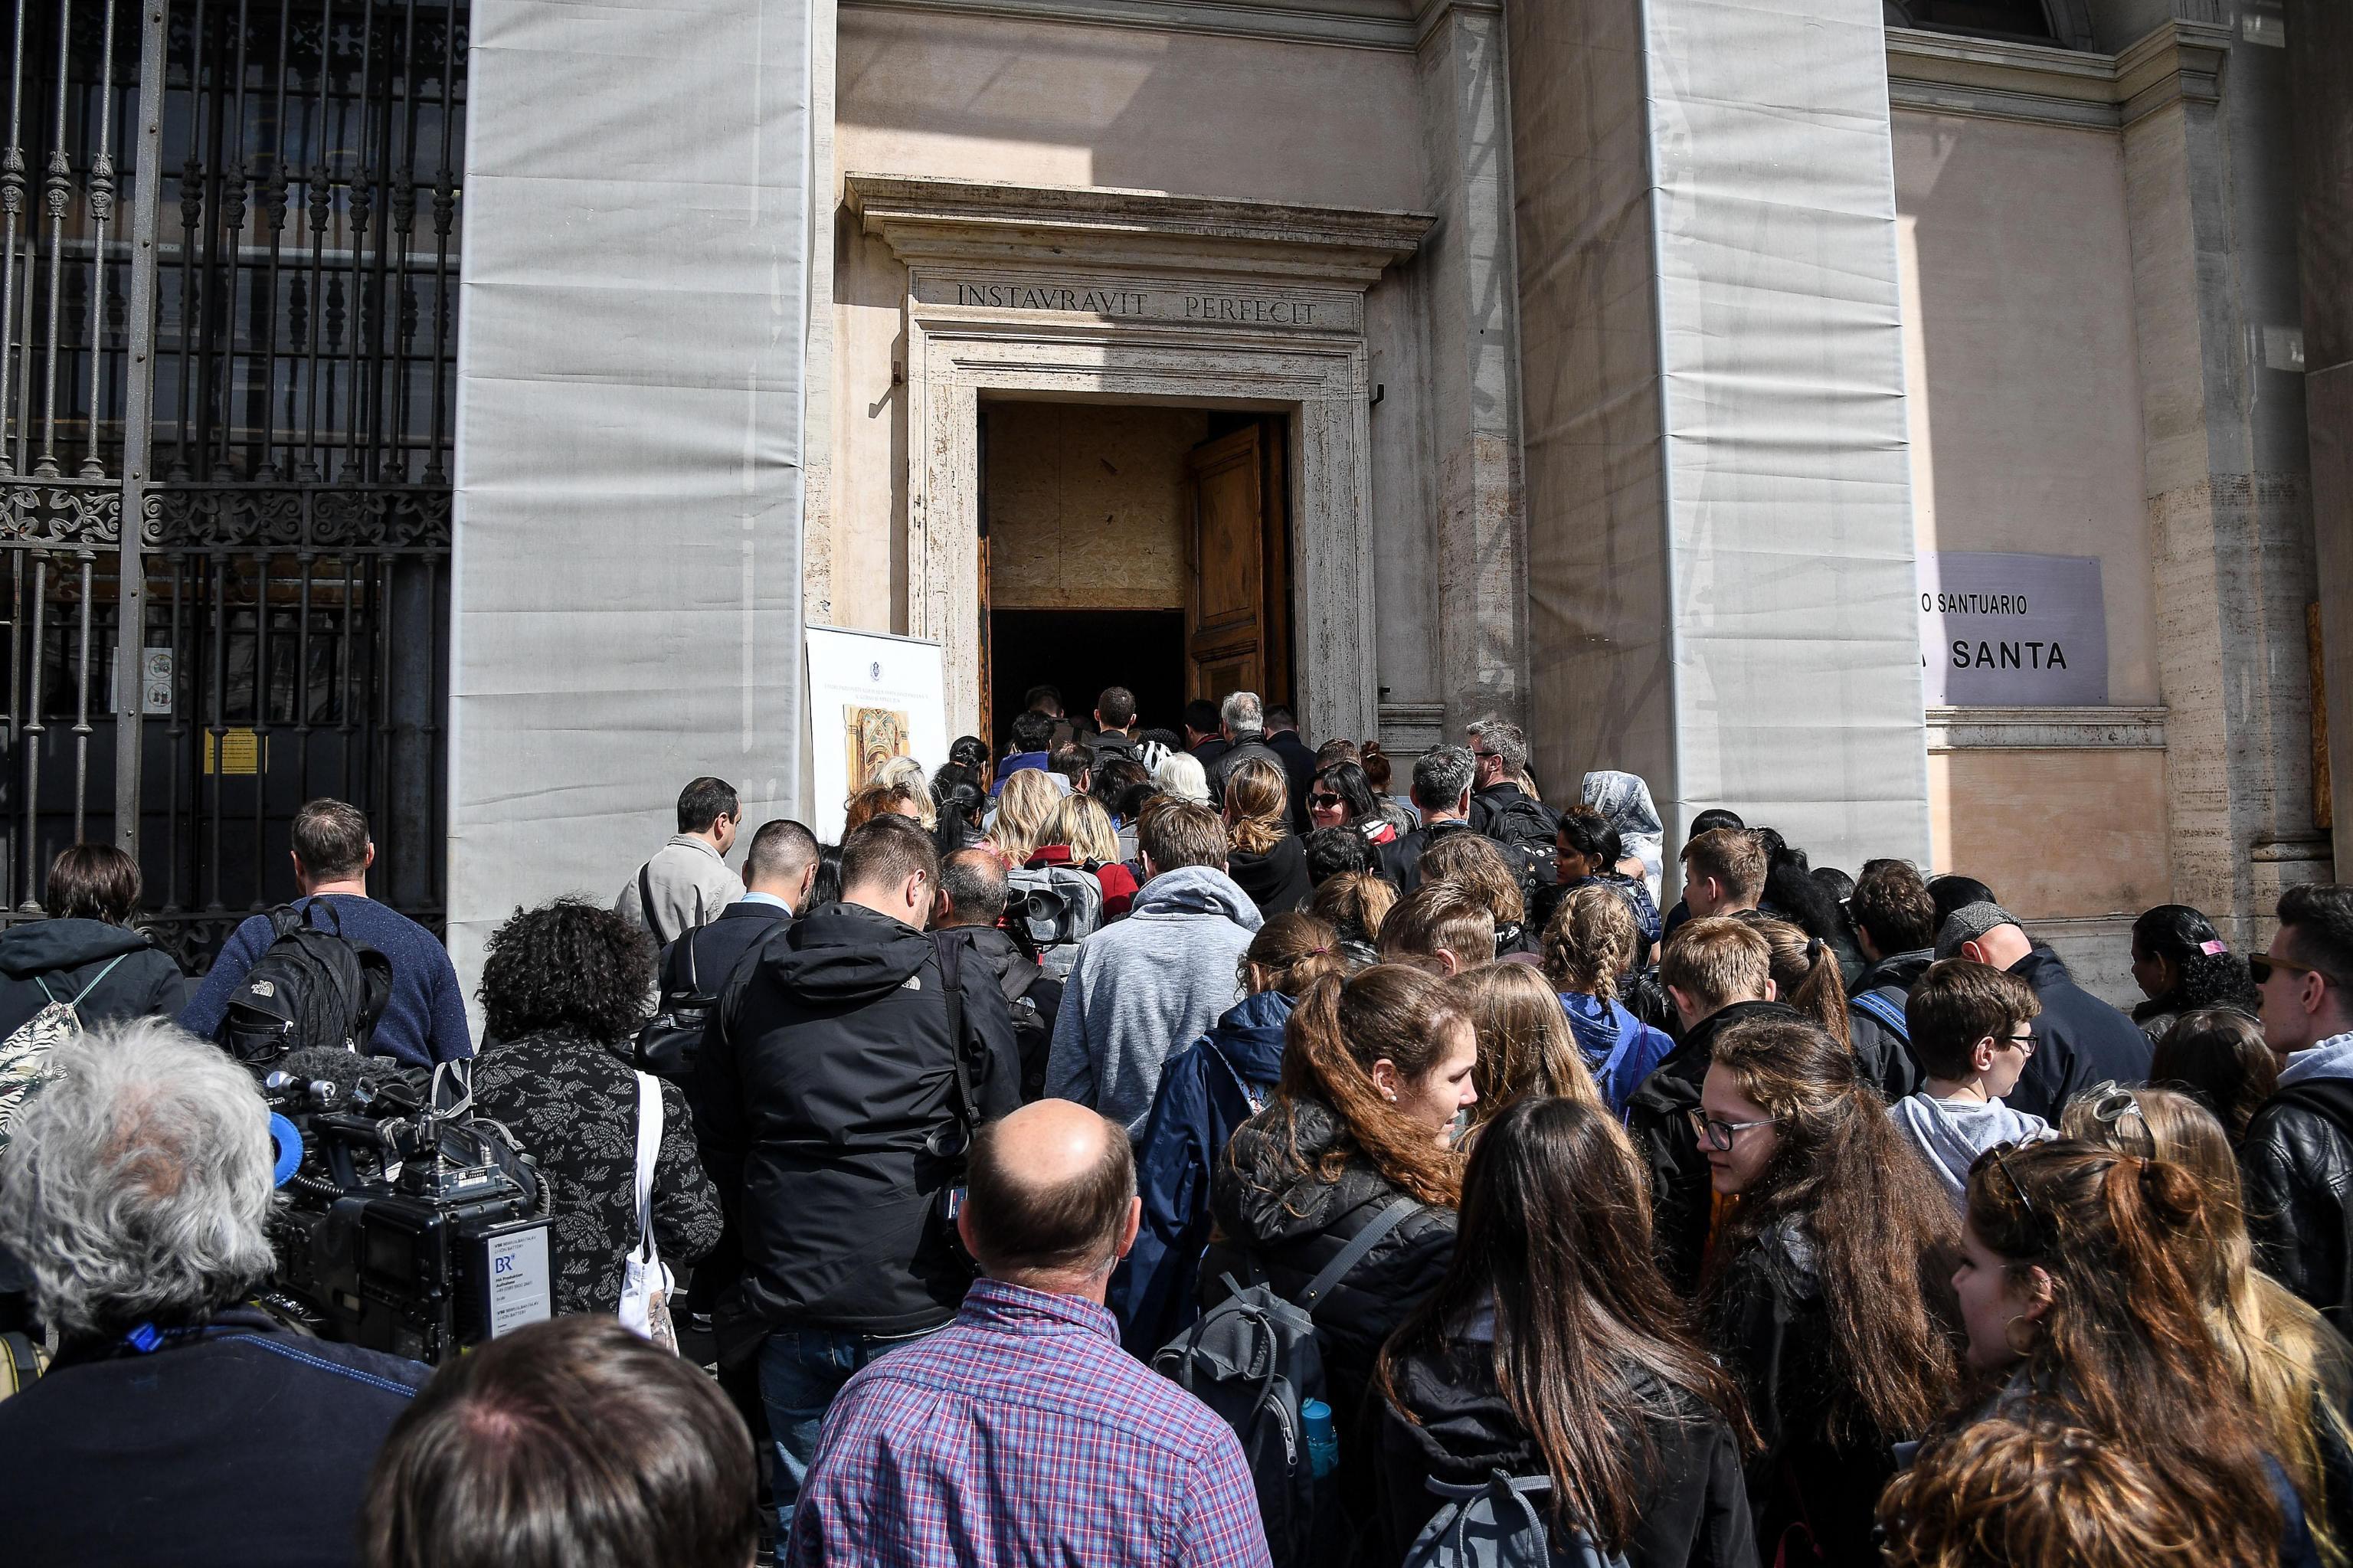 Светите стъпала са 28 на брой. Те са били пренесени от Ерусалим в Рим по времето на император Константин според легенда, която никога не е била потвърдена. През 1723 година мраморната стълба е била покрита с дървен материал, за да не бъде повредена от многобройните вярващи, преминаващи по нея.